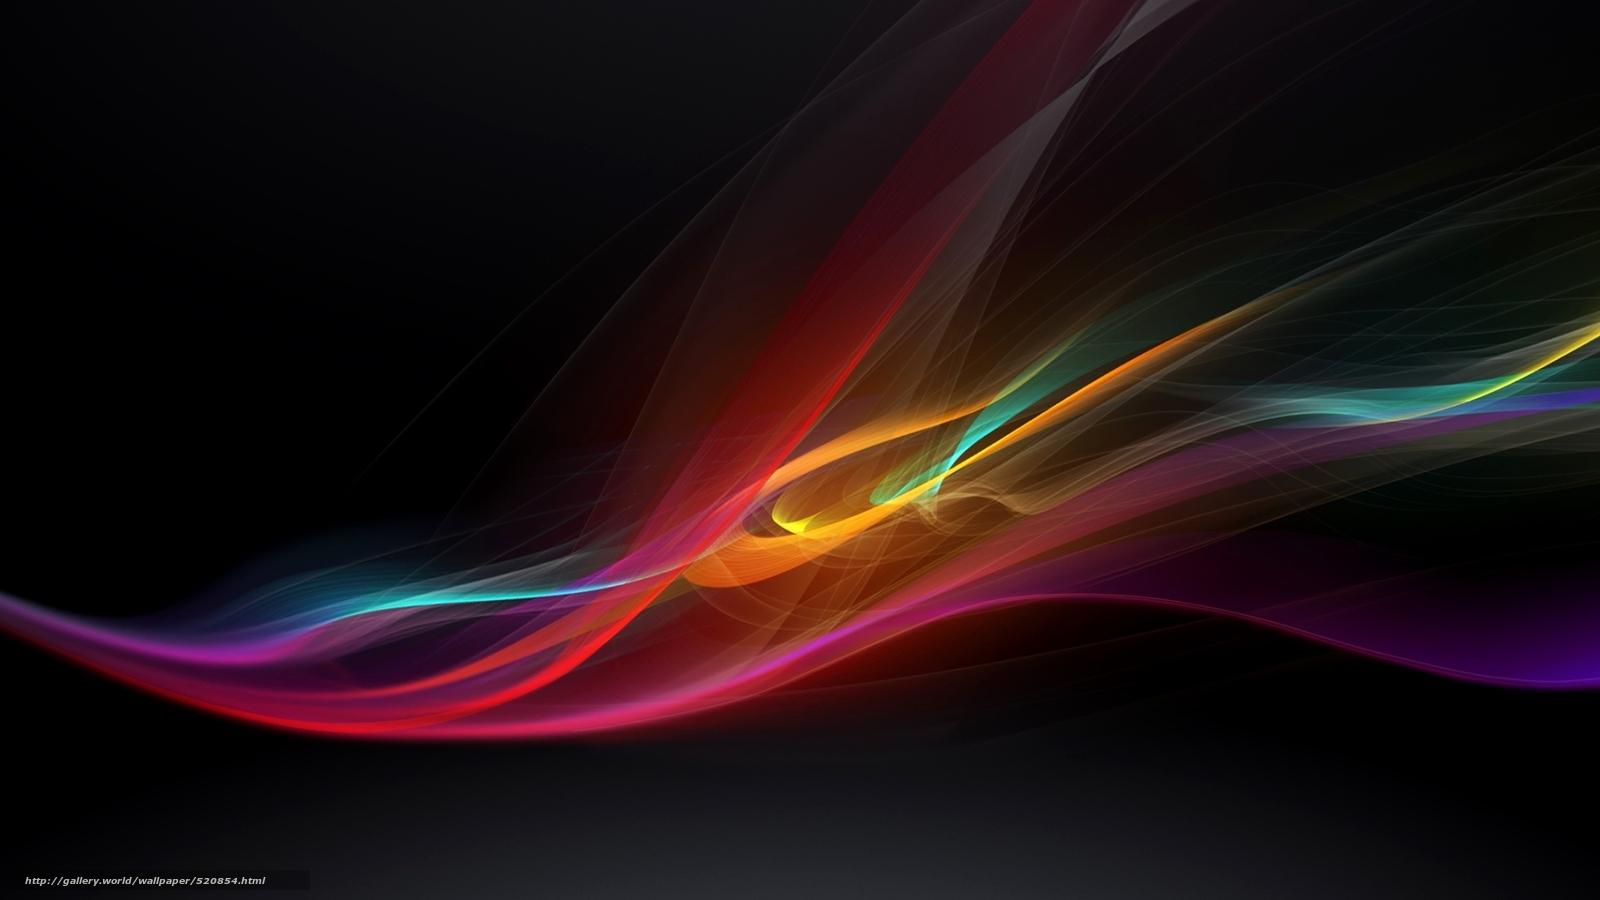 Scaricare Gli Sfondi Scuro Colore Sony Sfondi Gratis Per La